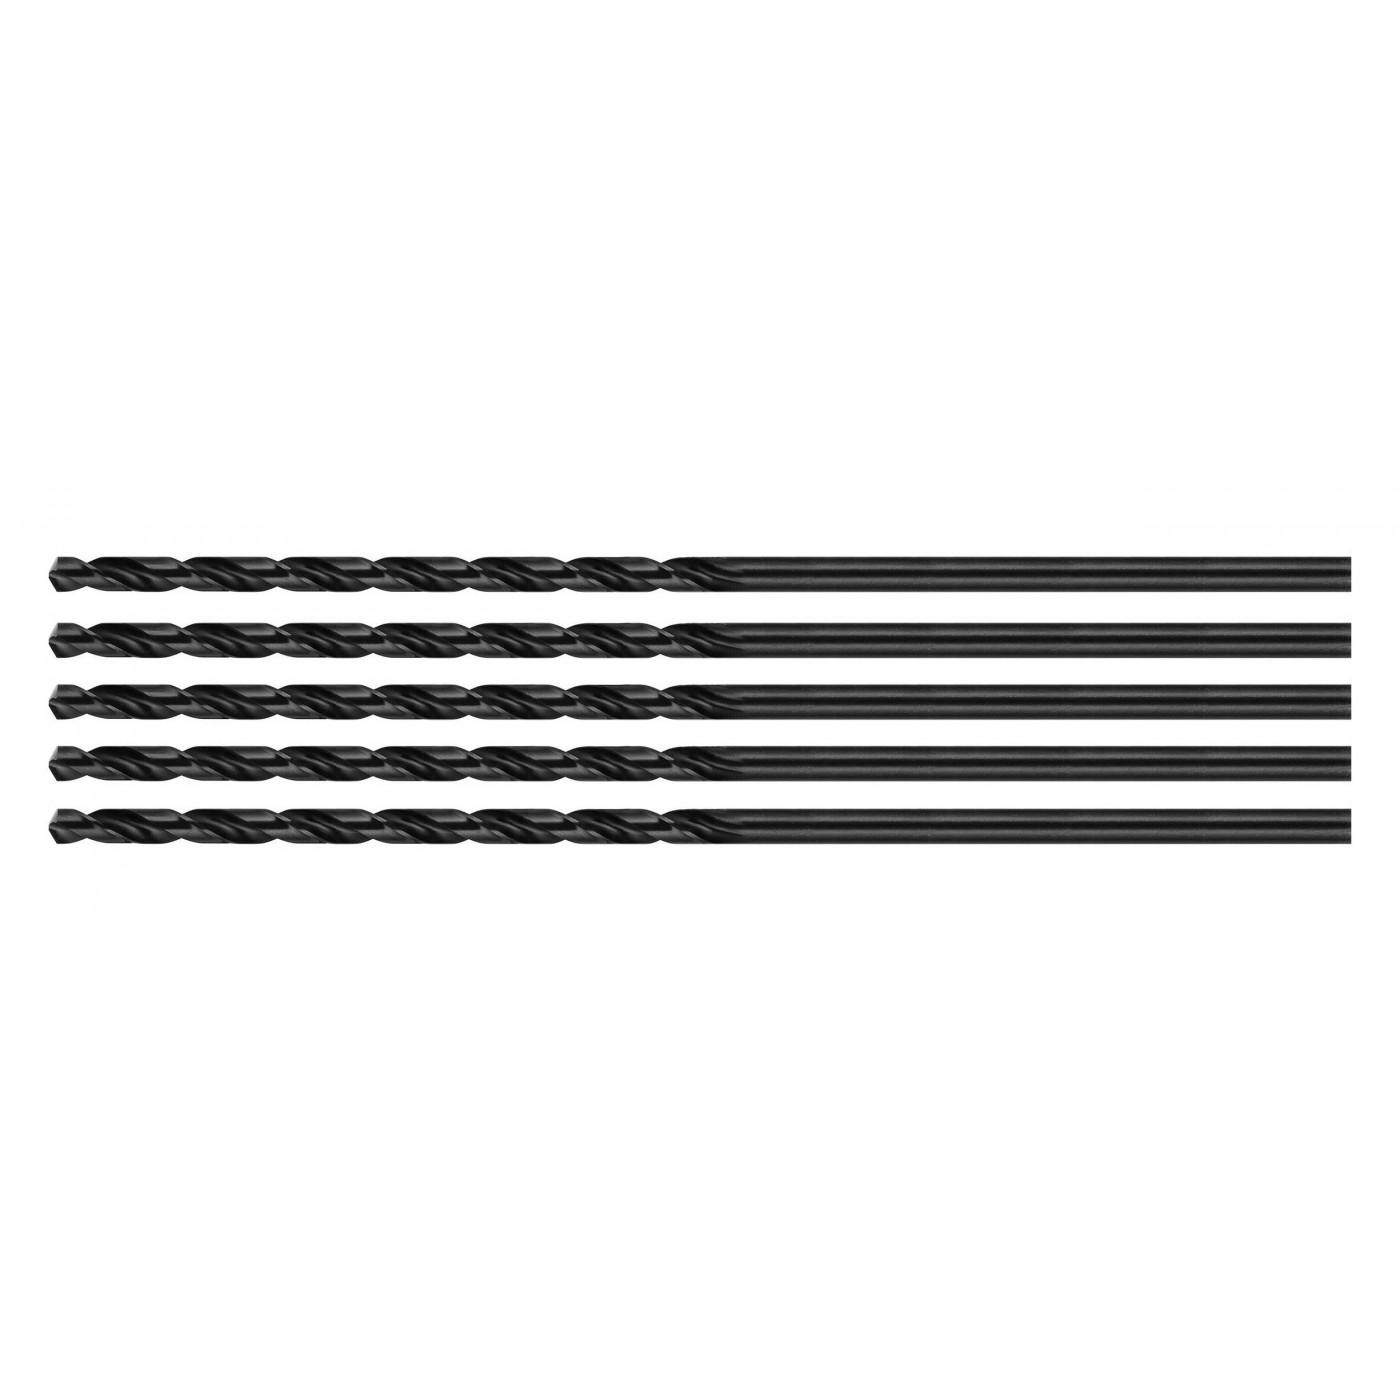 Set van 5 metaalboren (HSS, 4.2x100 mm)